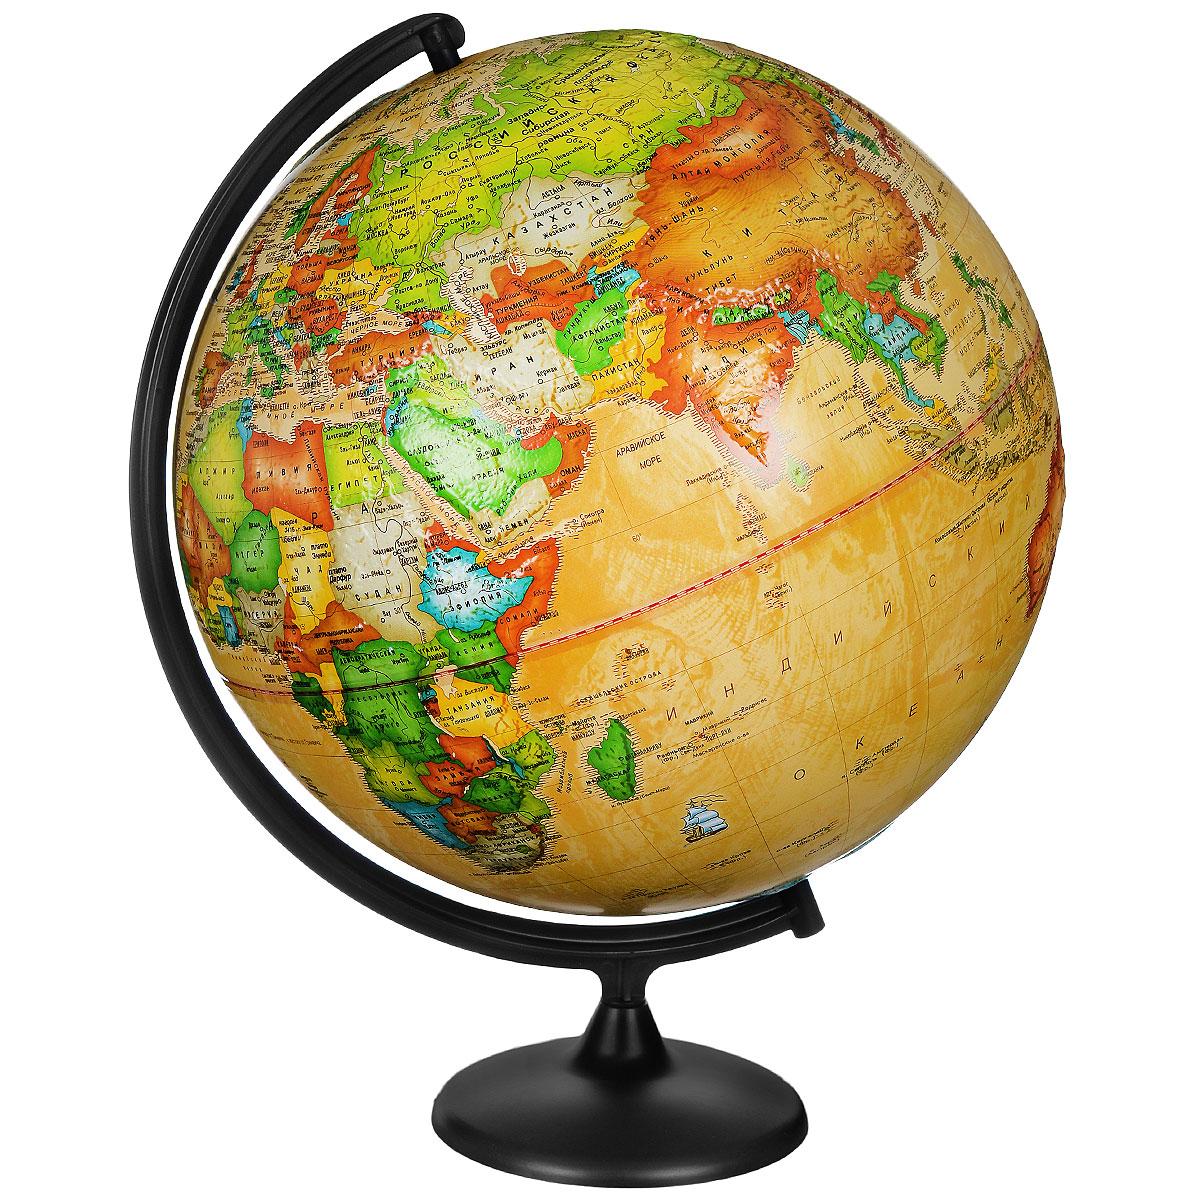 Глобусный мир Глобус с политической картой мира Ретро-Александр рельефный диаметр 42 см10348Глобус с политической картой мира Ретро-Александр изготовлен из высококачественного прочного пластика. Данная модель показывает страны мира, сухопутные и морские границы того или иного государства, расположение городов и населенных пунктов. Изделие расположено на подставке. На нем отображены картографические линии: параллели и меридианы, а также градусы и условные обозначения. На глобусе нанесен рельеф, который отчетливо показывает рельеф местности и горные массивы. Все страны мира раскрашены в разные цвета. Глобус с политической картой мира станет незаменимым атрибутом обучения не только школьника, но и студента. Названия стран на глобусе приведены на русской язык. Глобус с политической картой мира Ретро-Александр станет оригинальным украшением рабочего стола или вашего кабинета. Это изысканная вещь для стильного интерьера, которая будет прекрасным подарком для современного преуспевающего человека, следующего последним тенденциям моды и стремящегося к элегантности и...